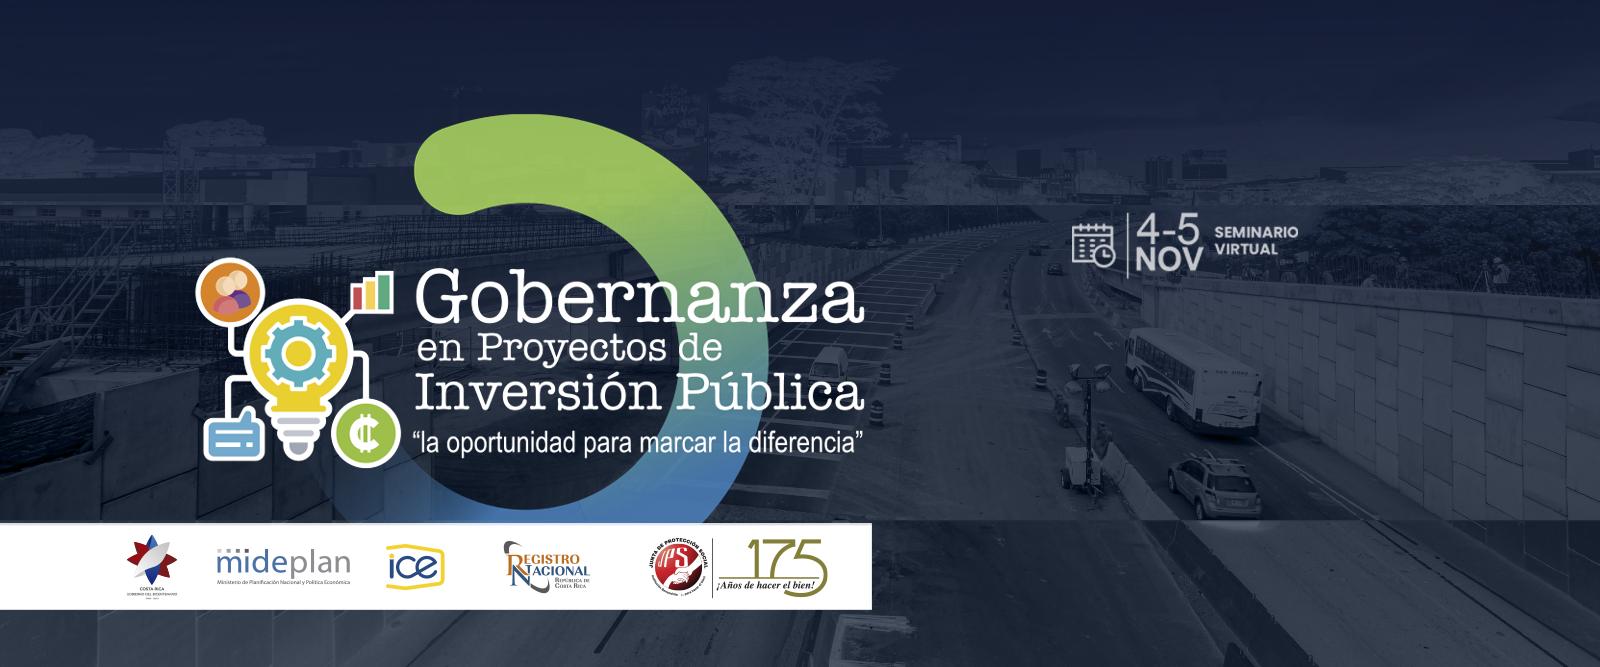 Seminario: Gobernanza en Proyectos de Inversión Pública